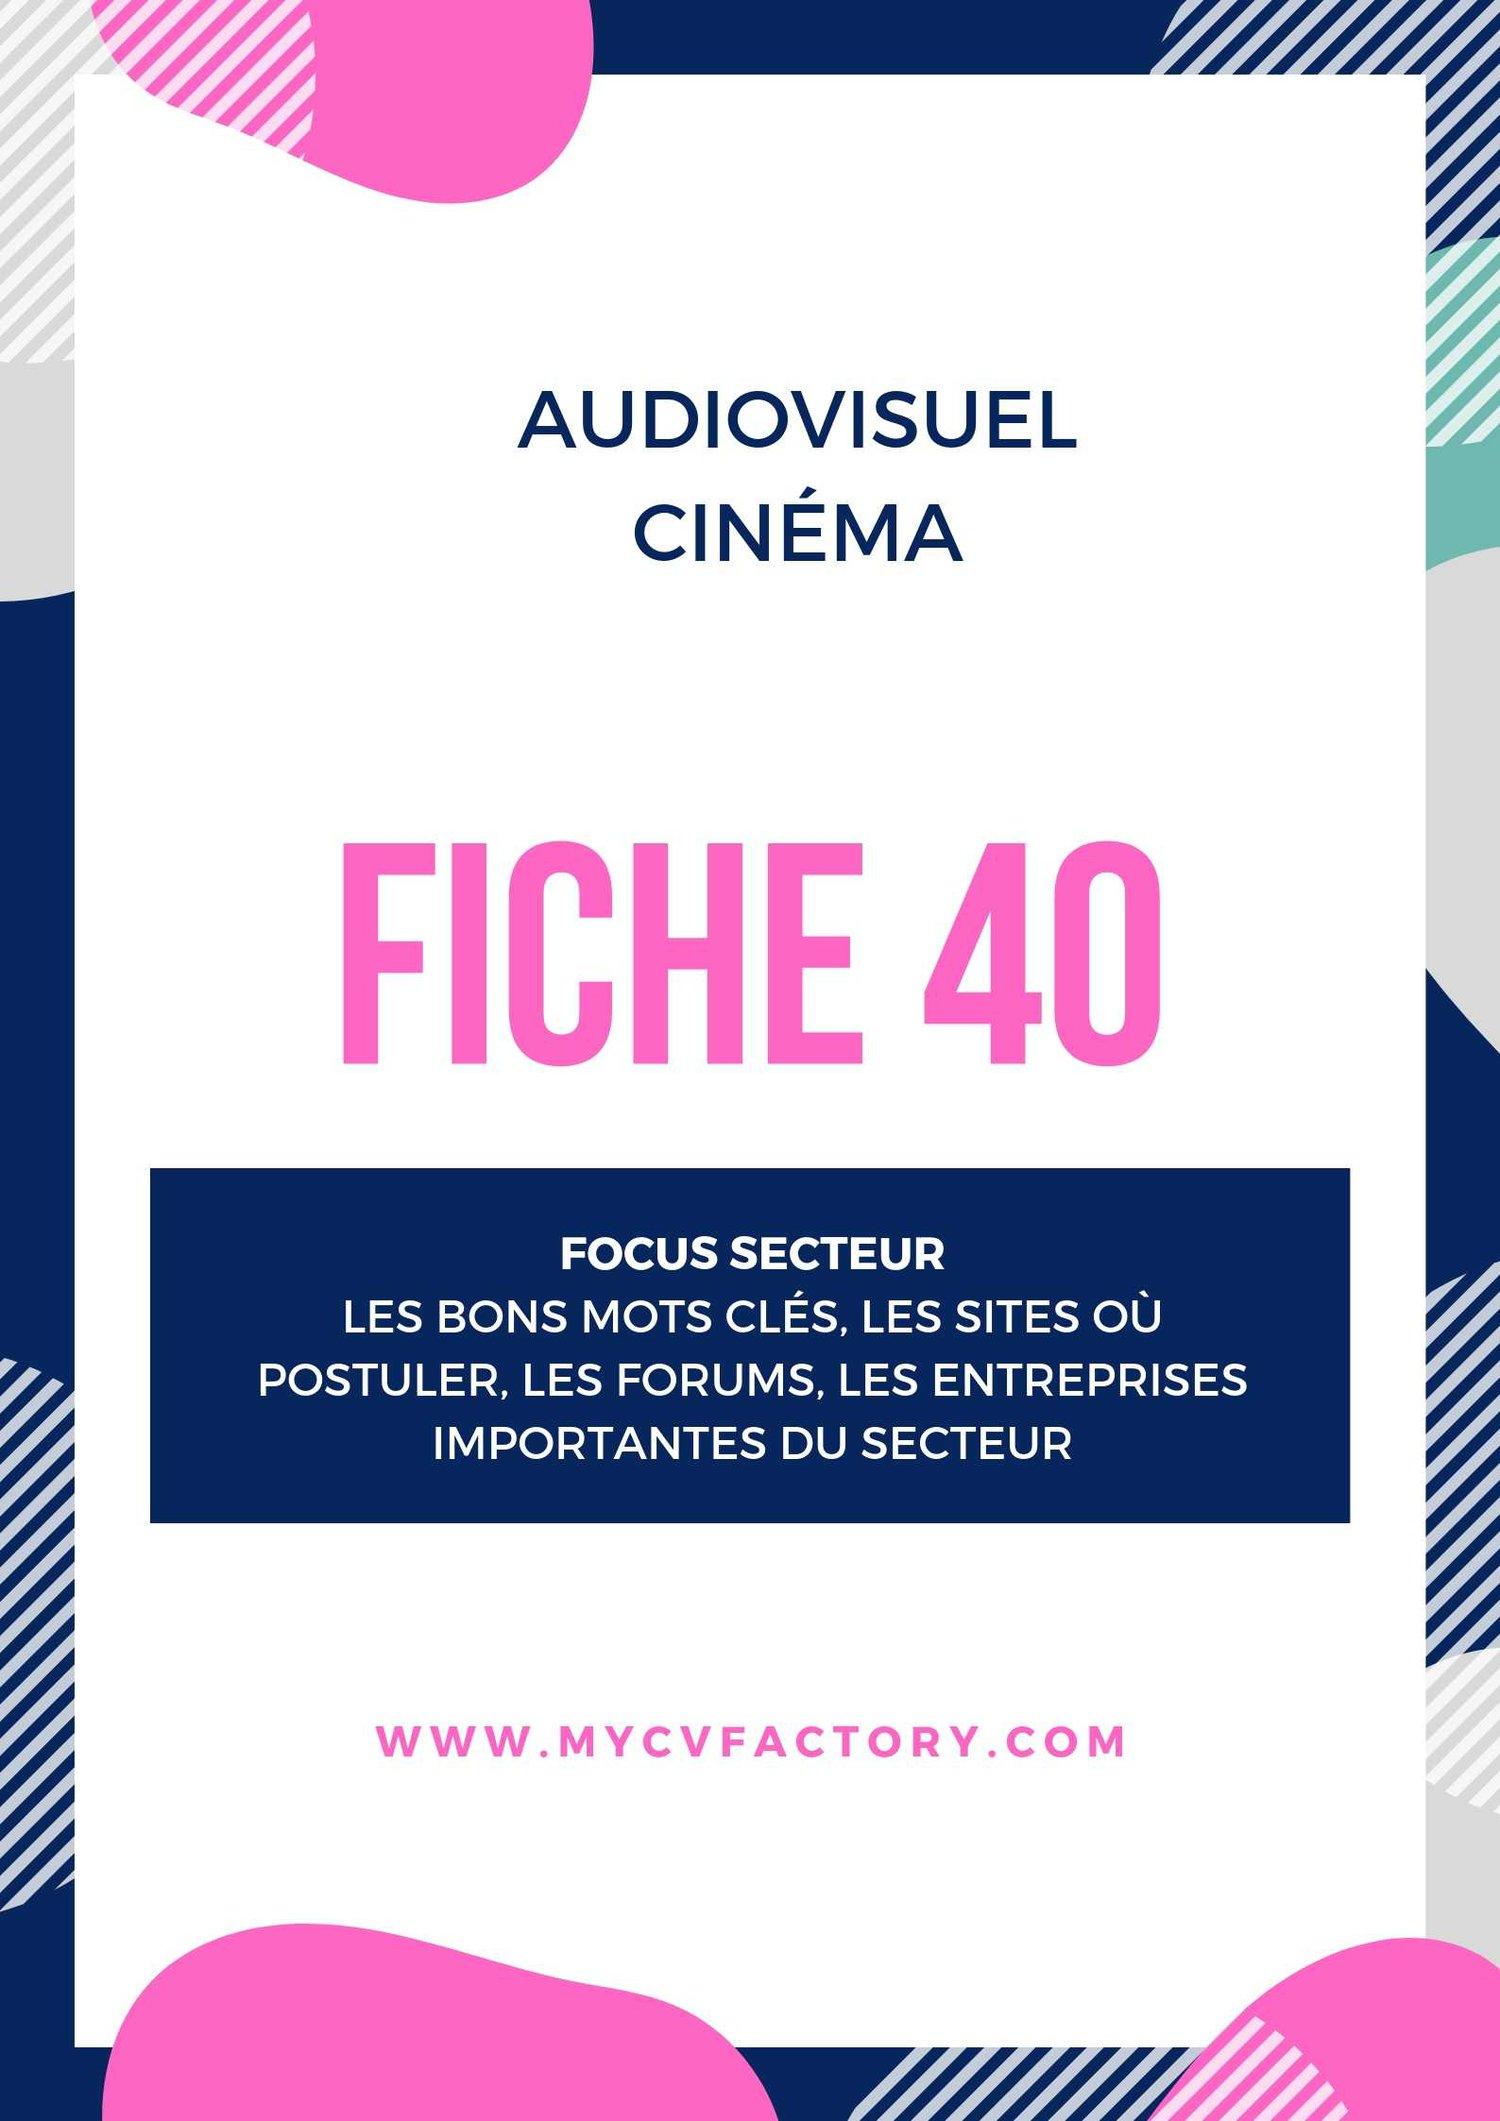 CV audiovisuel